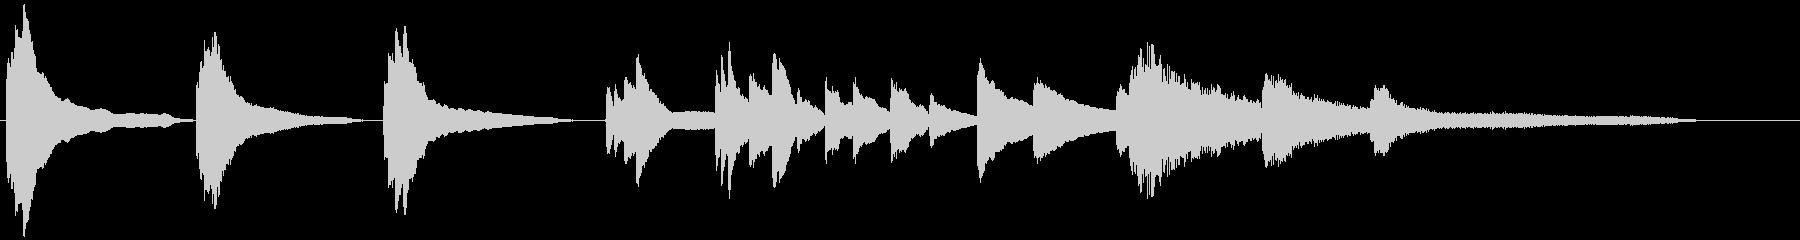 しっとりした切ないピアノジングルの未再生の波形